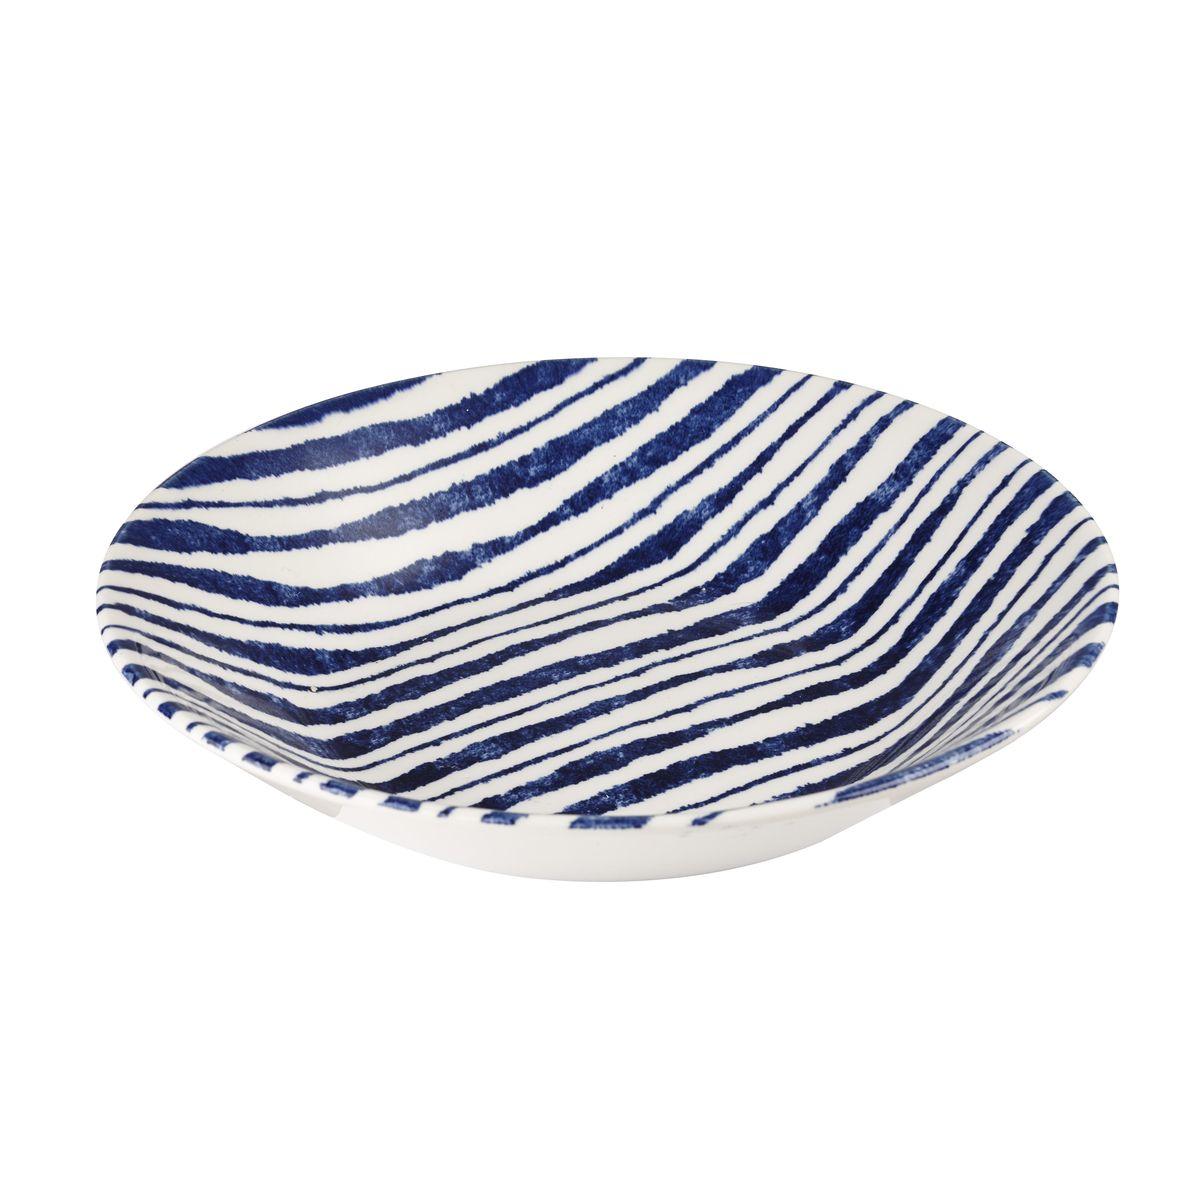 Тарелка суповая Churchill Инки, диаметр 20 смVT-1520(SR)Суповая тарелка Churchill Инки выполнена из высококачественного фаянса. Изделие сочетает в себе изысканный дизайн с максимальной функциональностью. Тарелка прекрасно впишется в интерьер вашей кухни и станет достойным дополнением к кухонному инвентарю. Суповая тарелка Churchill Инки подчеркнет прекрасный вкус хозяйки и станет отличным подарком.Можно мыть в посудомоечной машине и использовать в микроволновой печи.Диаметр тарелки (по верхнему краю): 20 см.